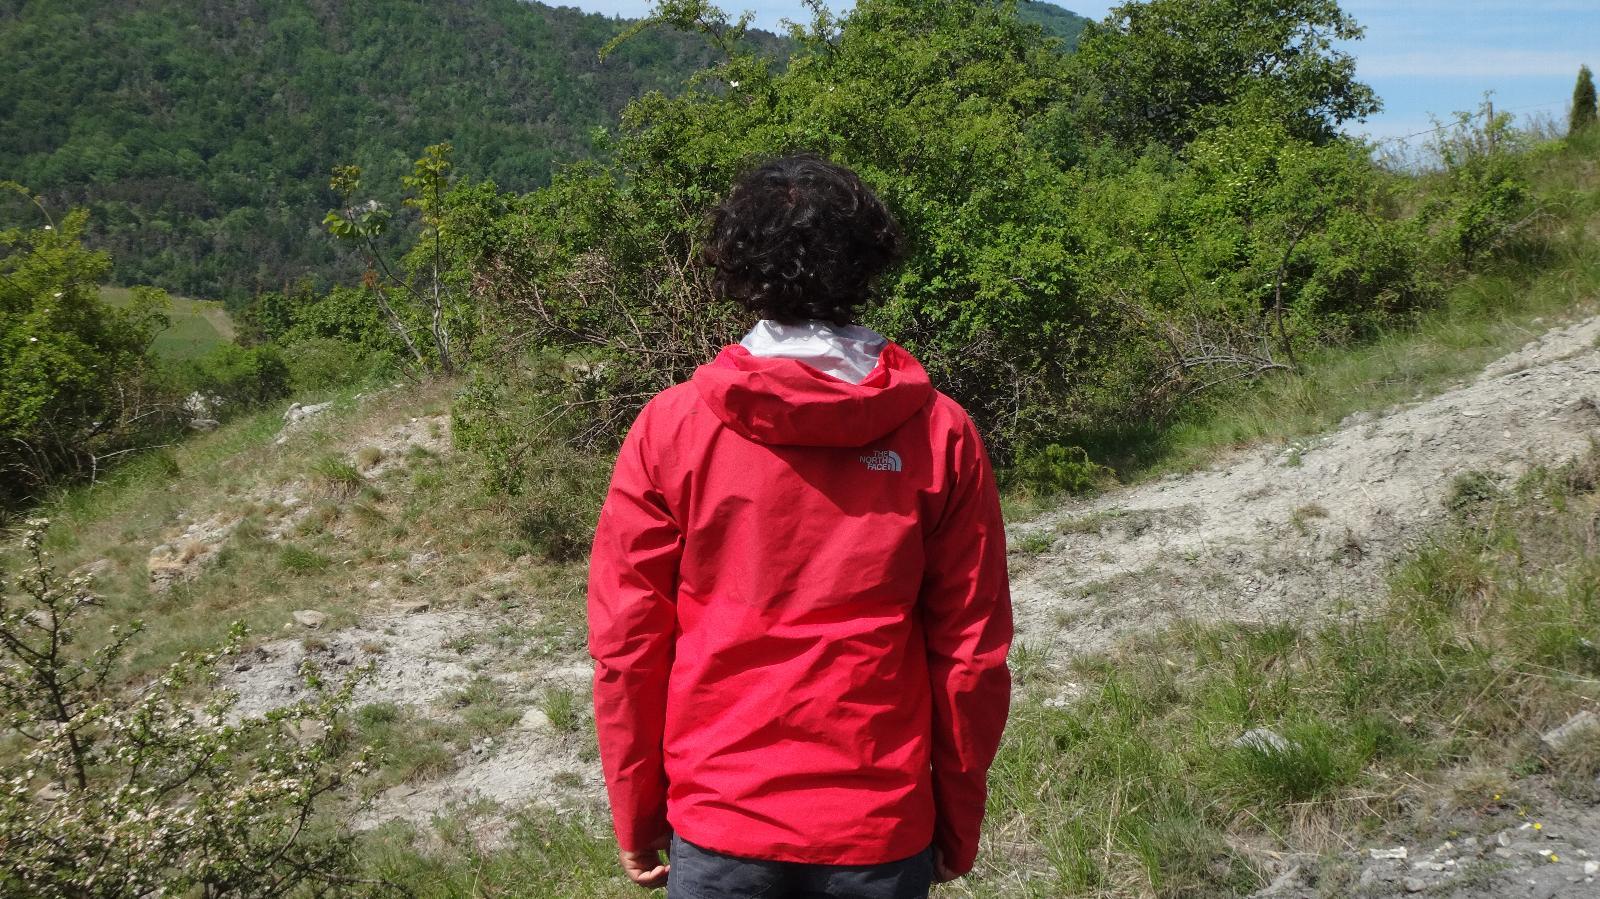 Face Veste Jacket North The Fuse Uno jUzVpMqGSL